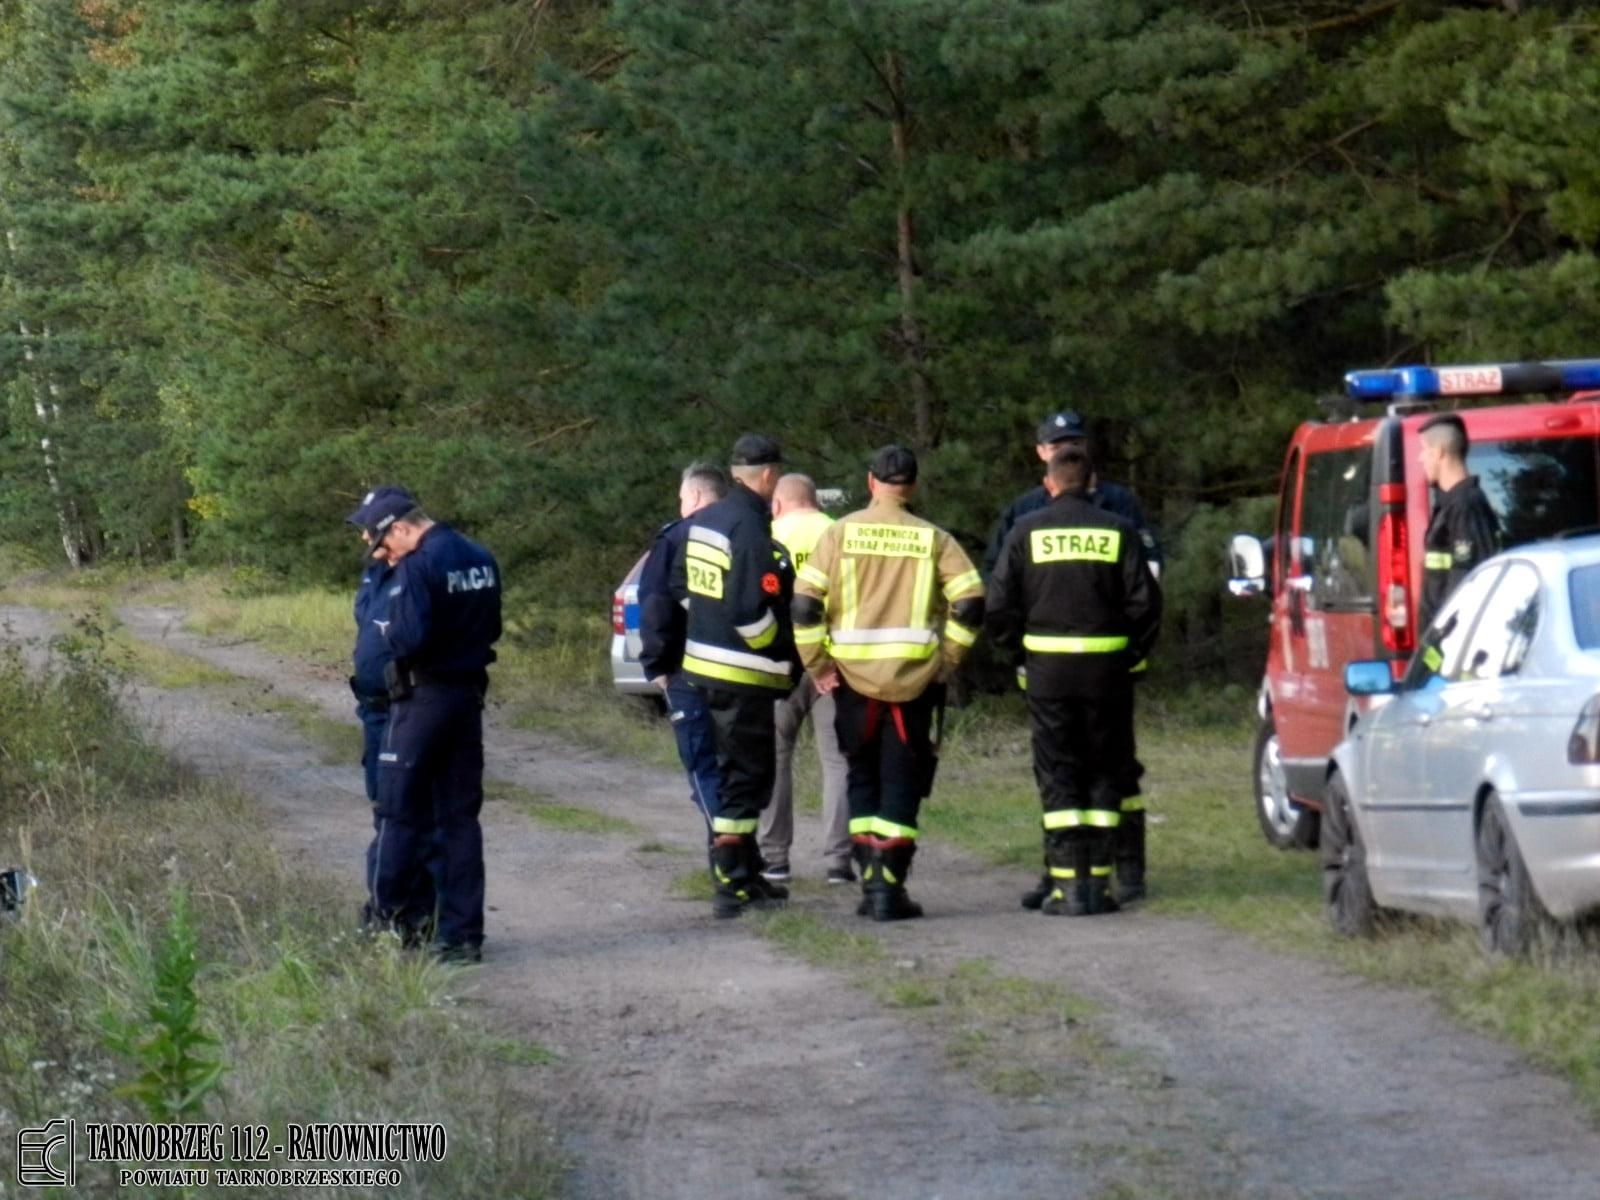 Poszukiwania zaginionego! W akcji brało udział aż 7 zastępów straży pożarnej! [ZDJĘCIA] - Zdjęcie główne